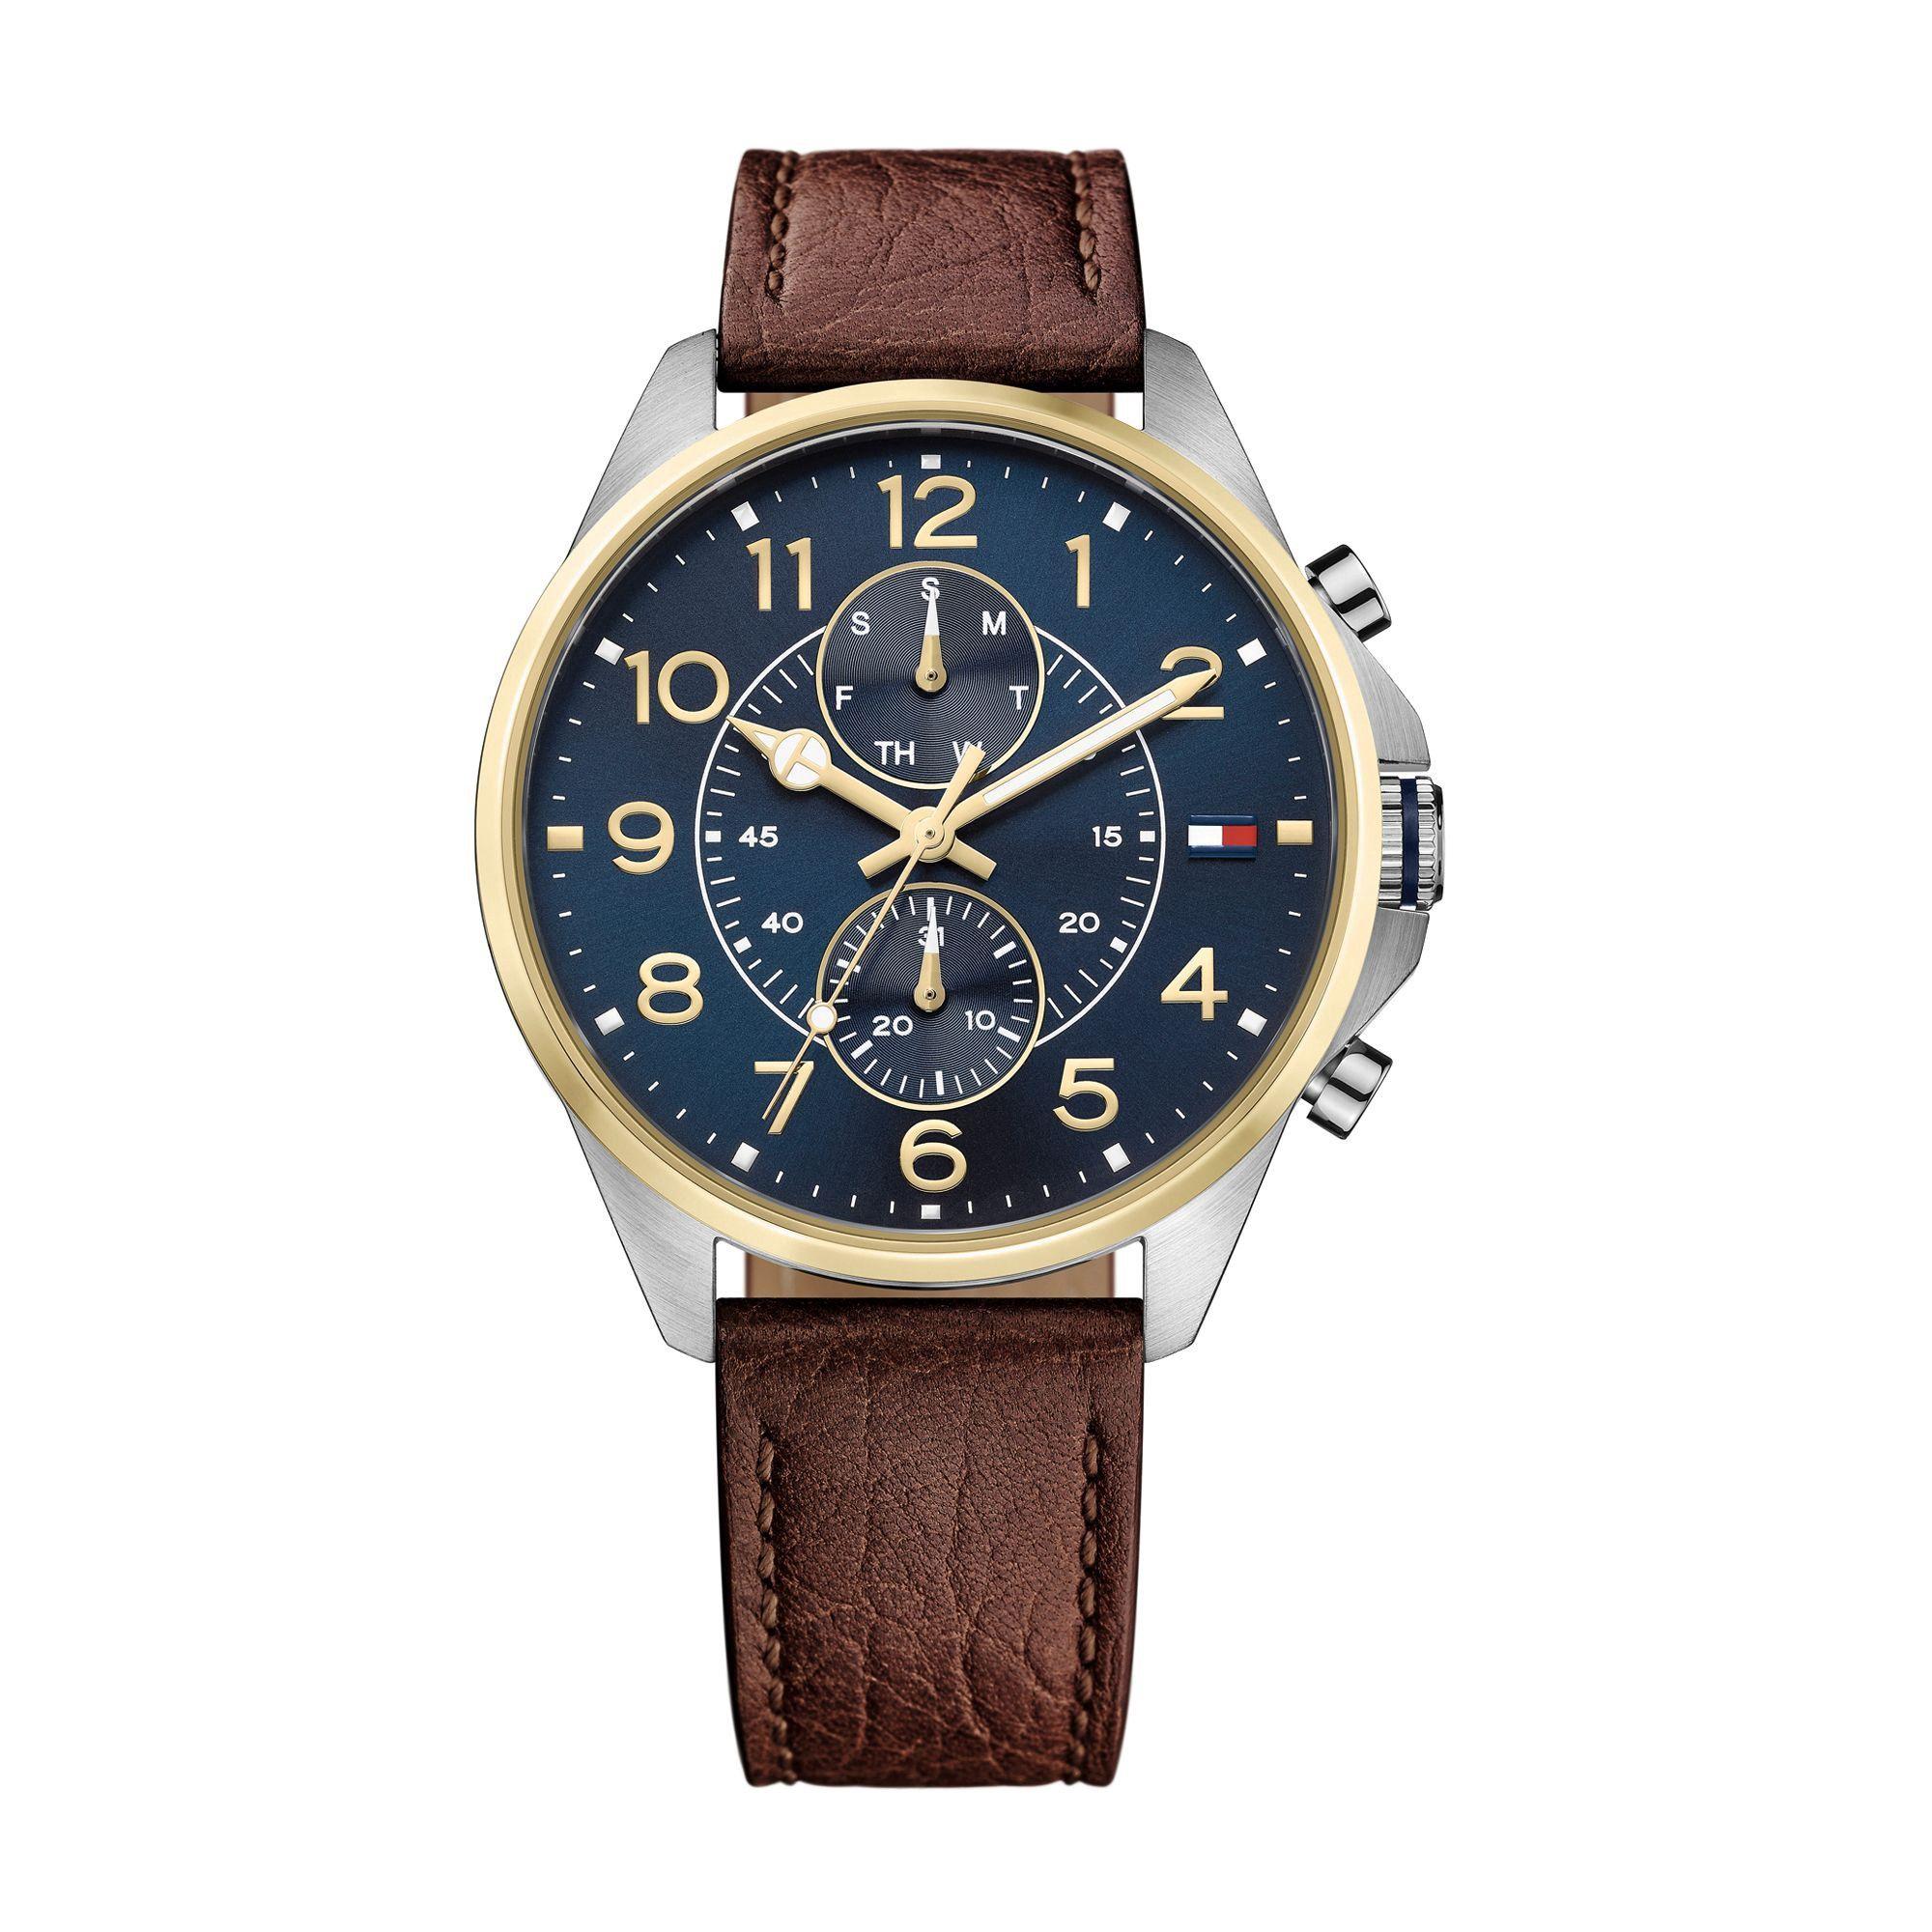 bfe0c97a58e Relógio Masculino Tommy Hilfiger com pulseira de Couro Marrom - 1791137